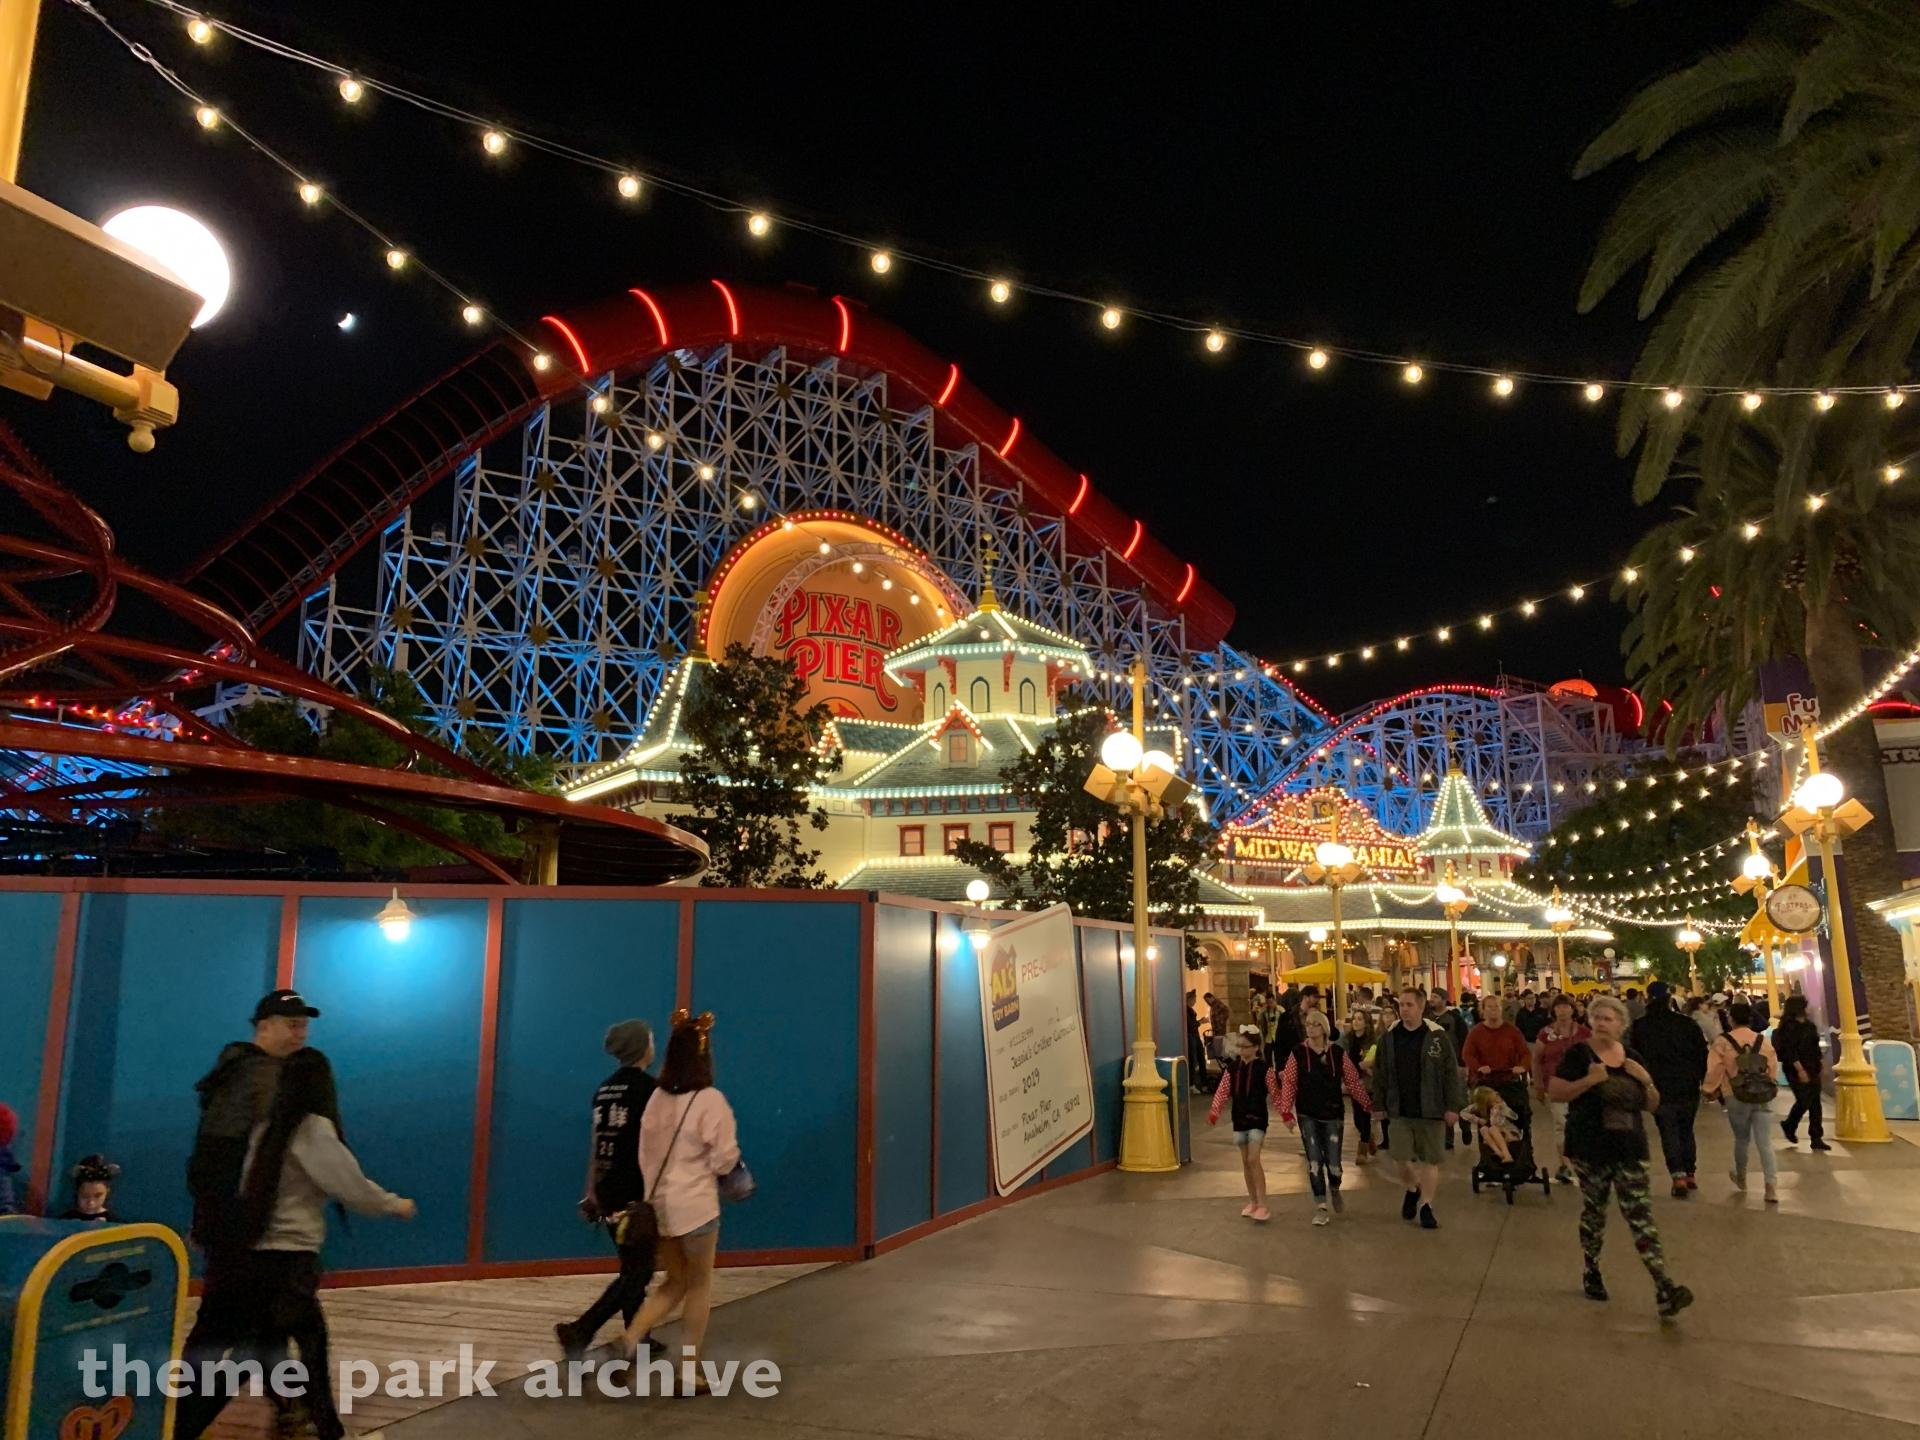 Pixar Pier at Disney California Adventure